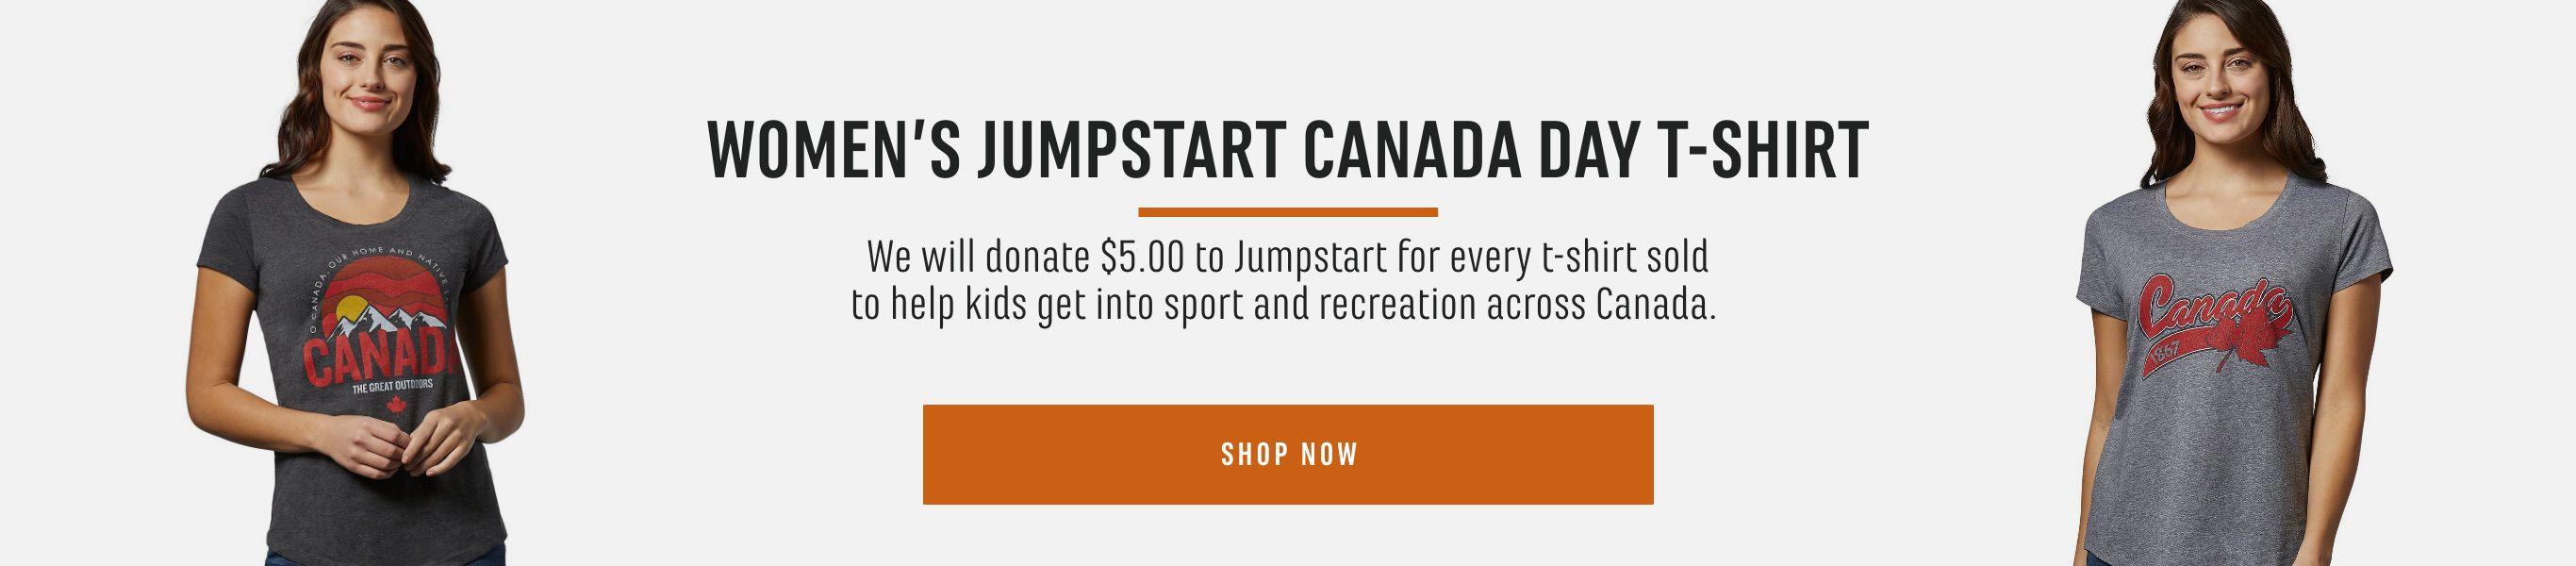 Women's Jumpstart Canada Day T-Shirt